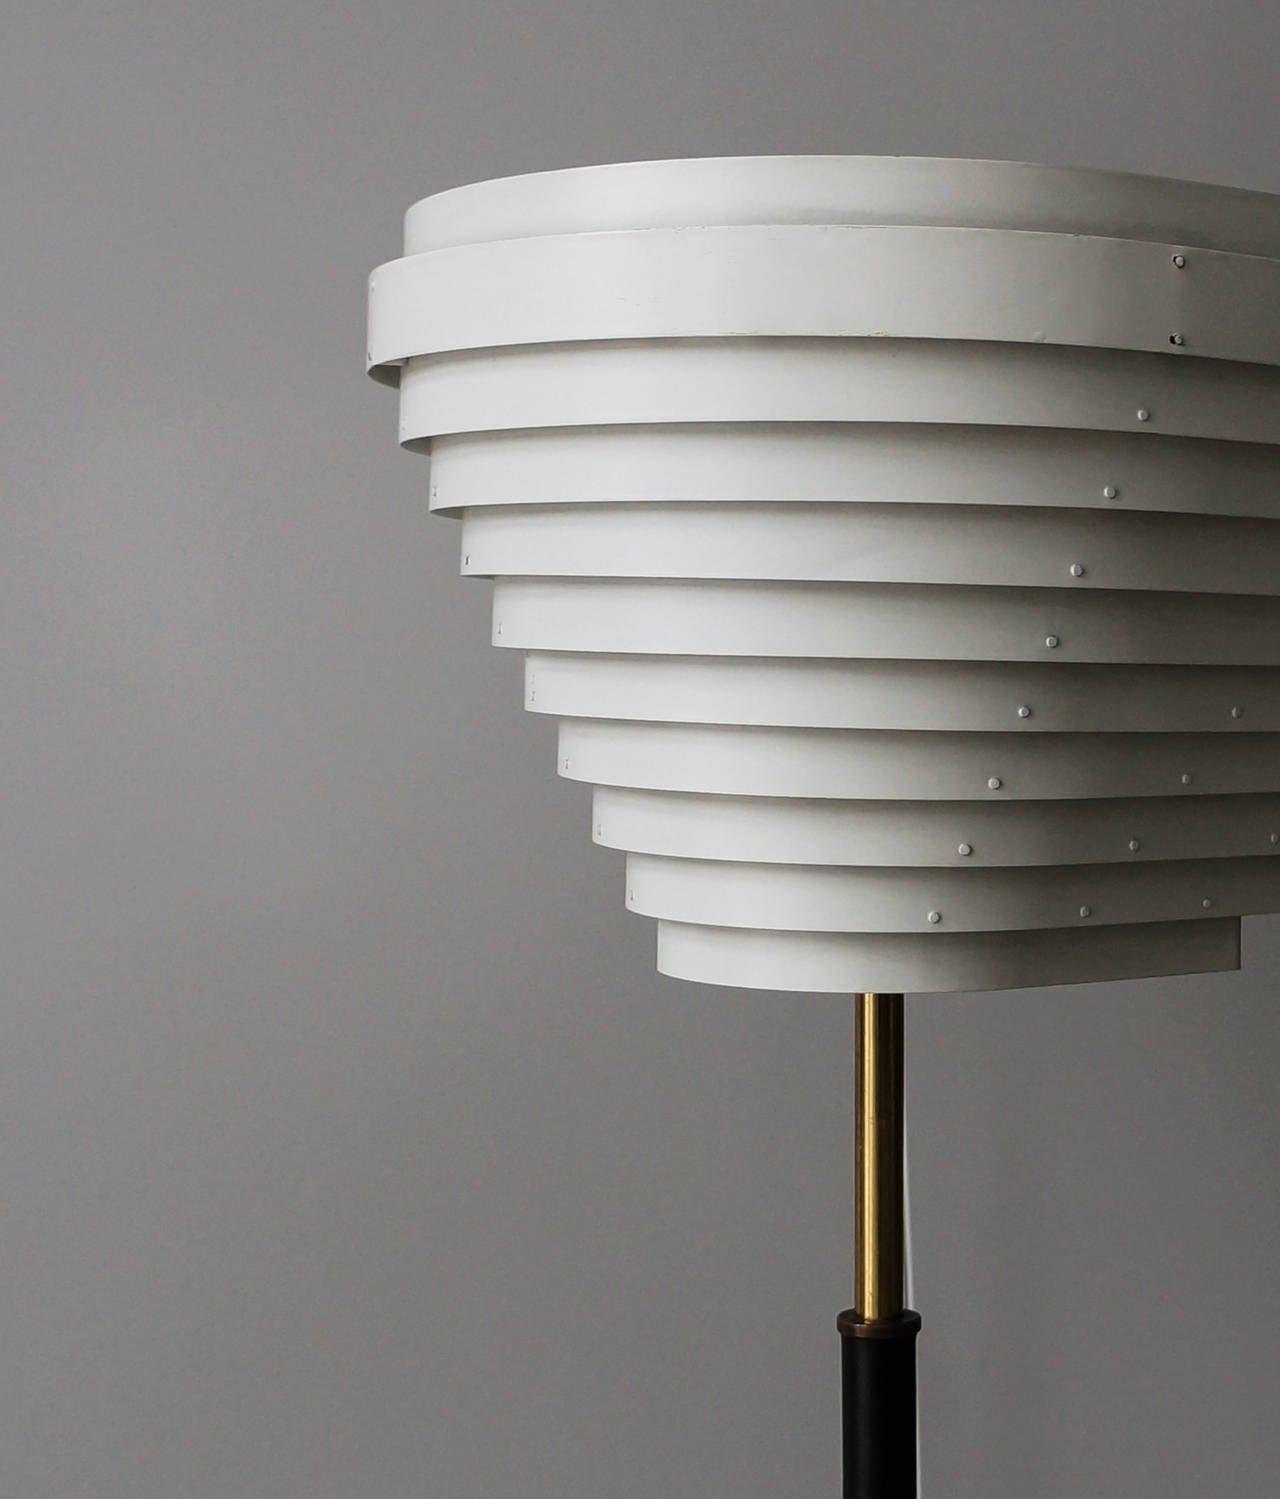 Brass Early Alvar Aalto Floor Lamp, Model A805 for Valaistustyö Ky, 1954 For Sale